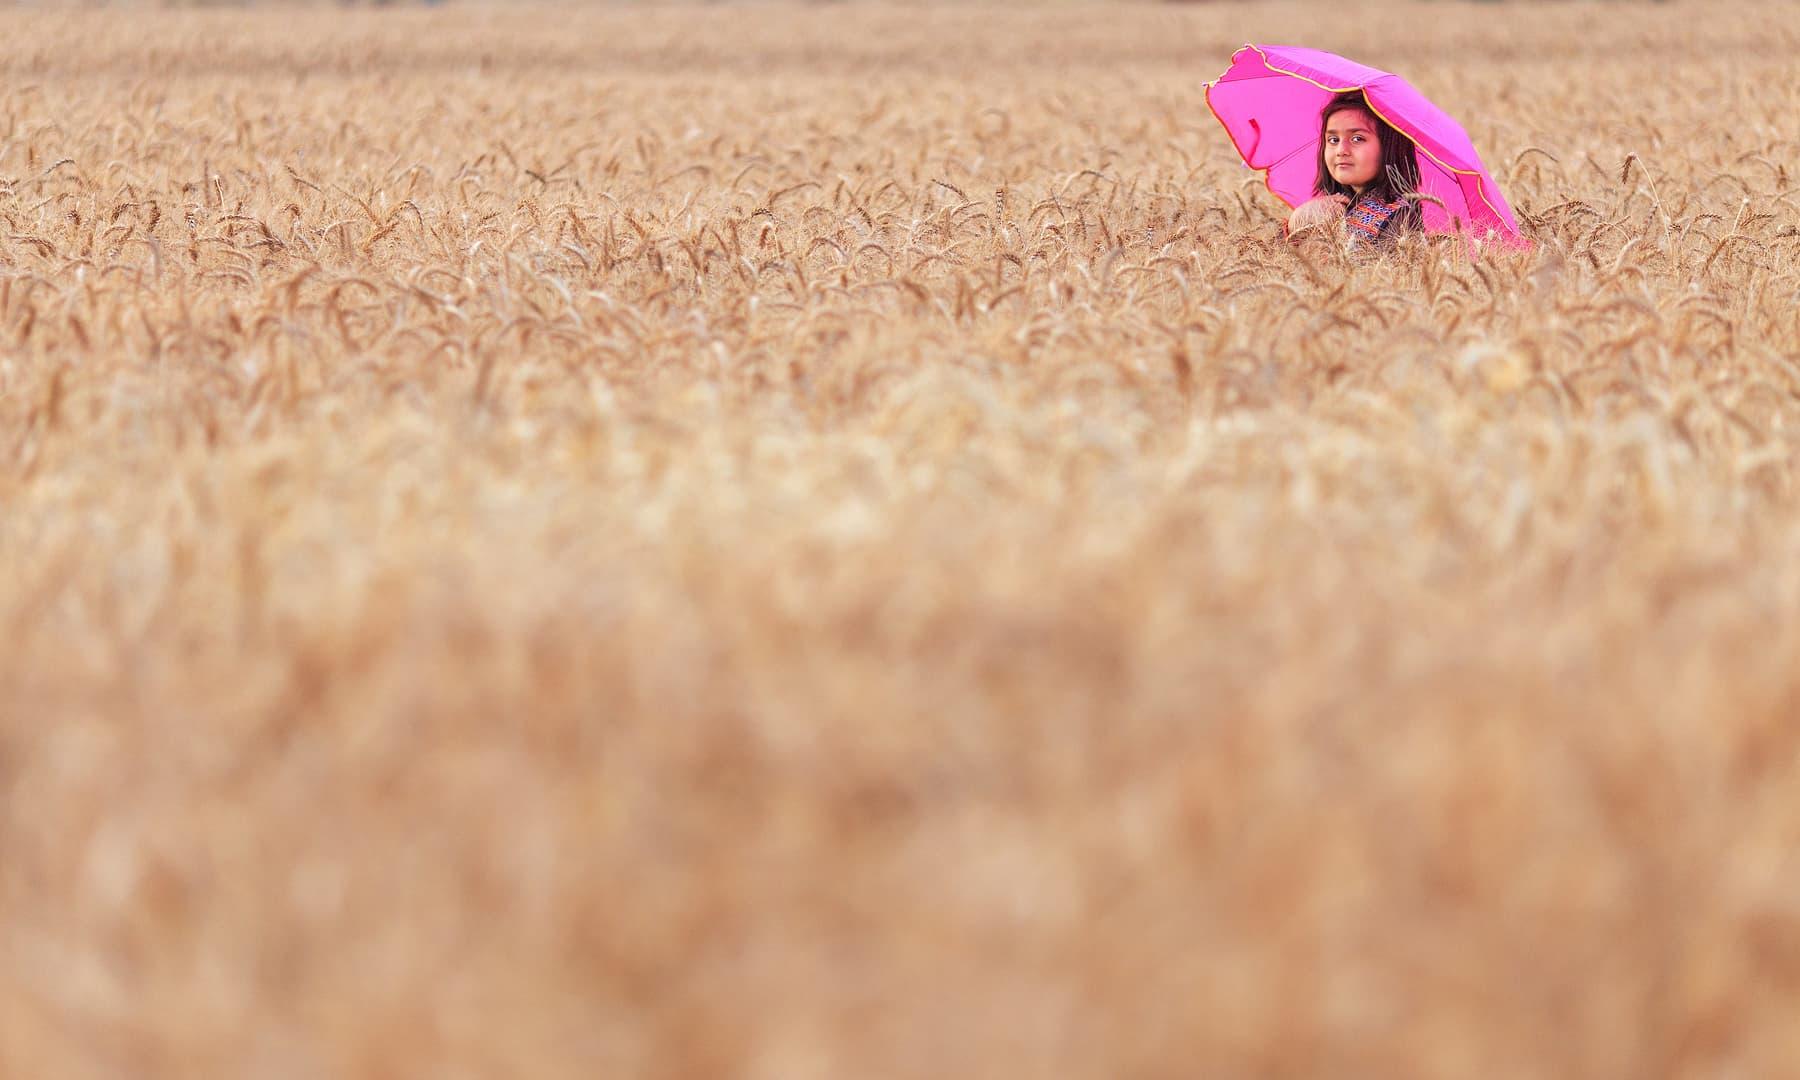 مرالہ کے نزدیک گندم کے کھیت.— فوٹو سید مہدی بخاری۔